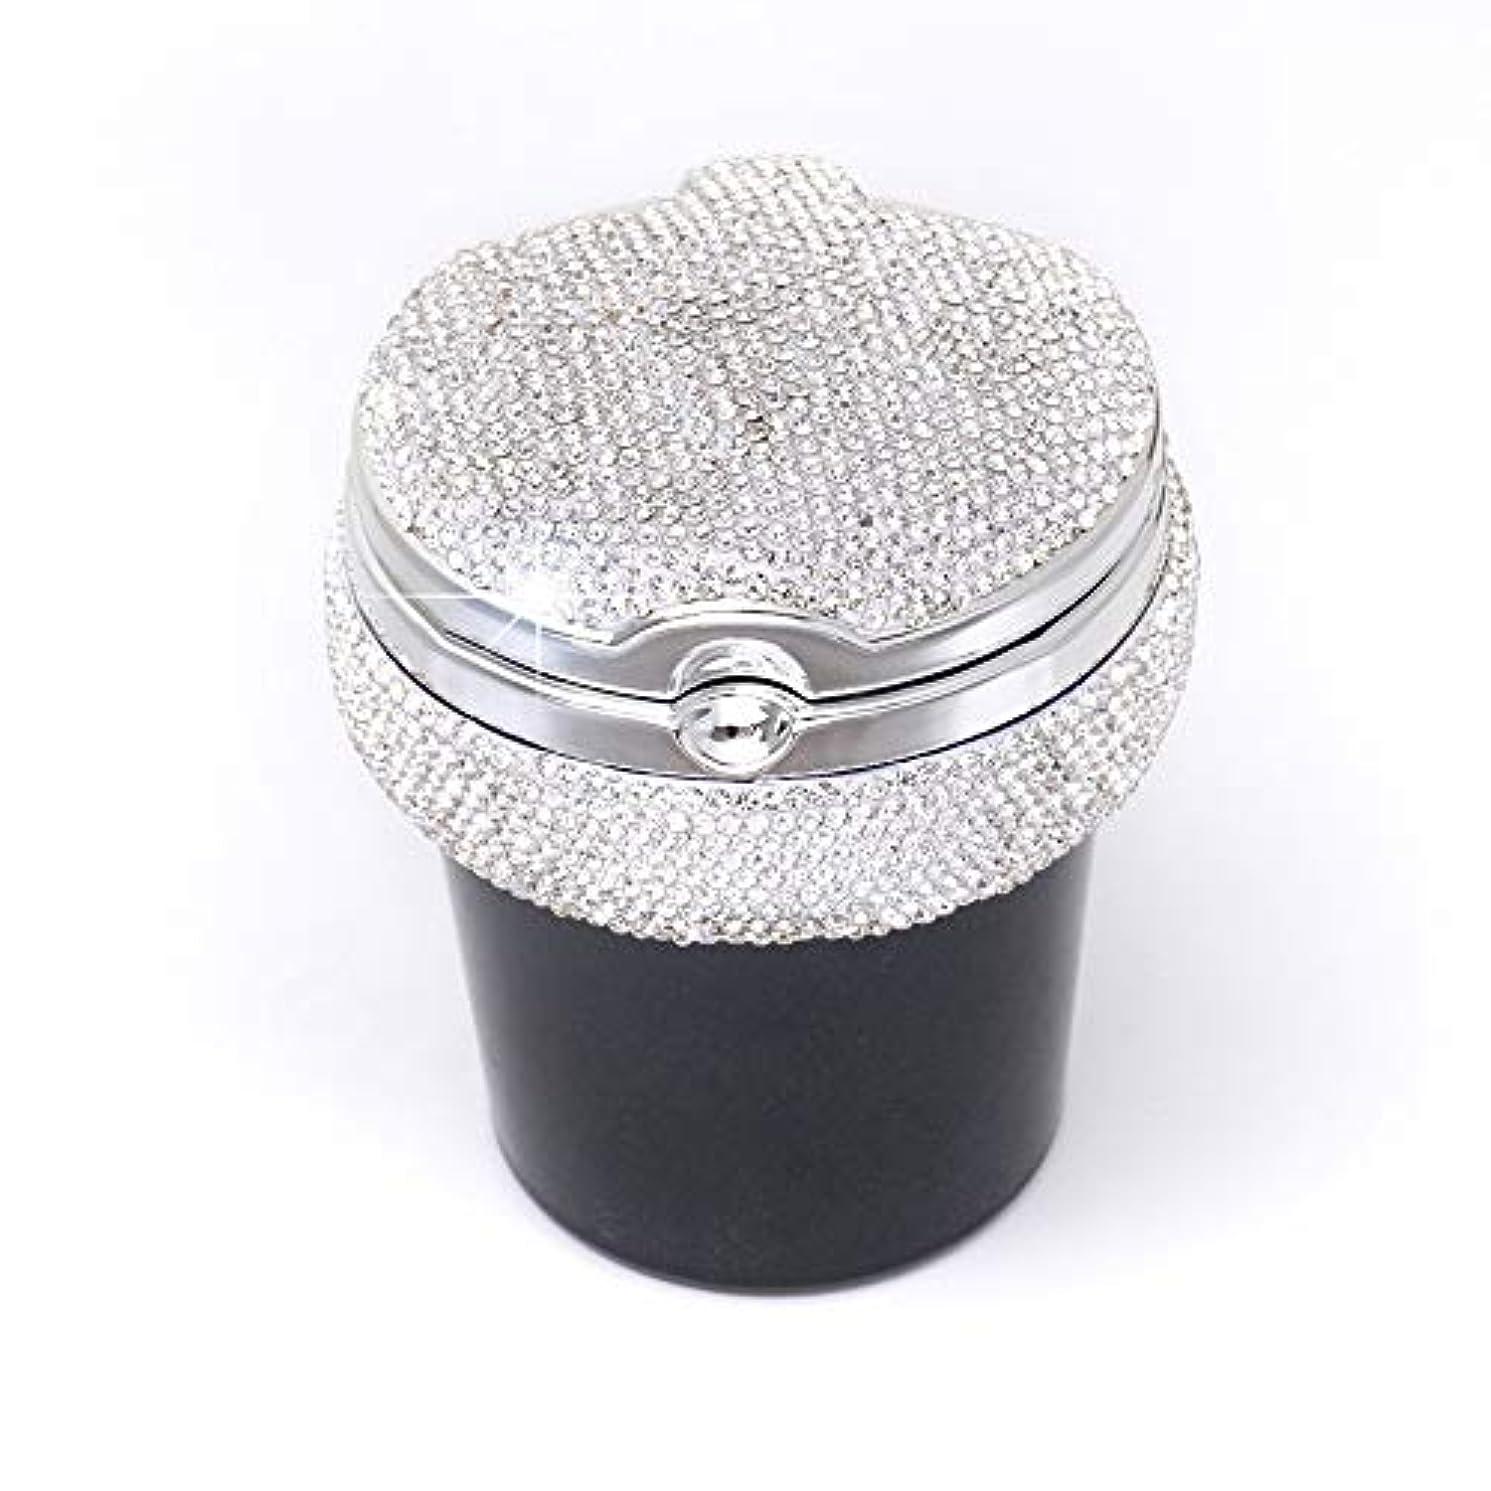 サイレントレパートリーミシンふた付き車の灰皿クリエイティブ屋外灰皿 (色 : 白)